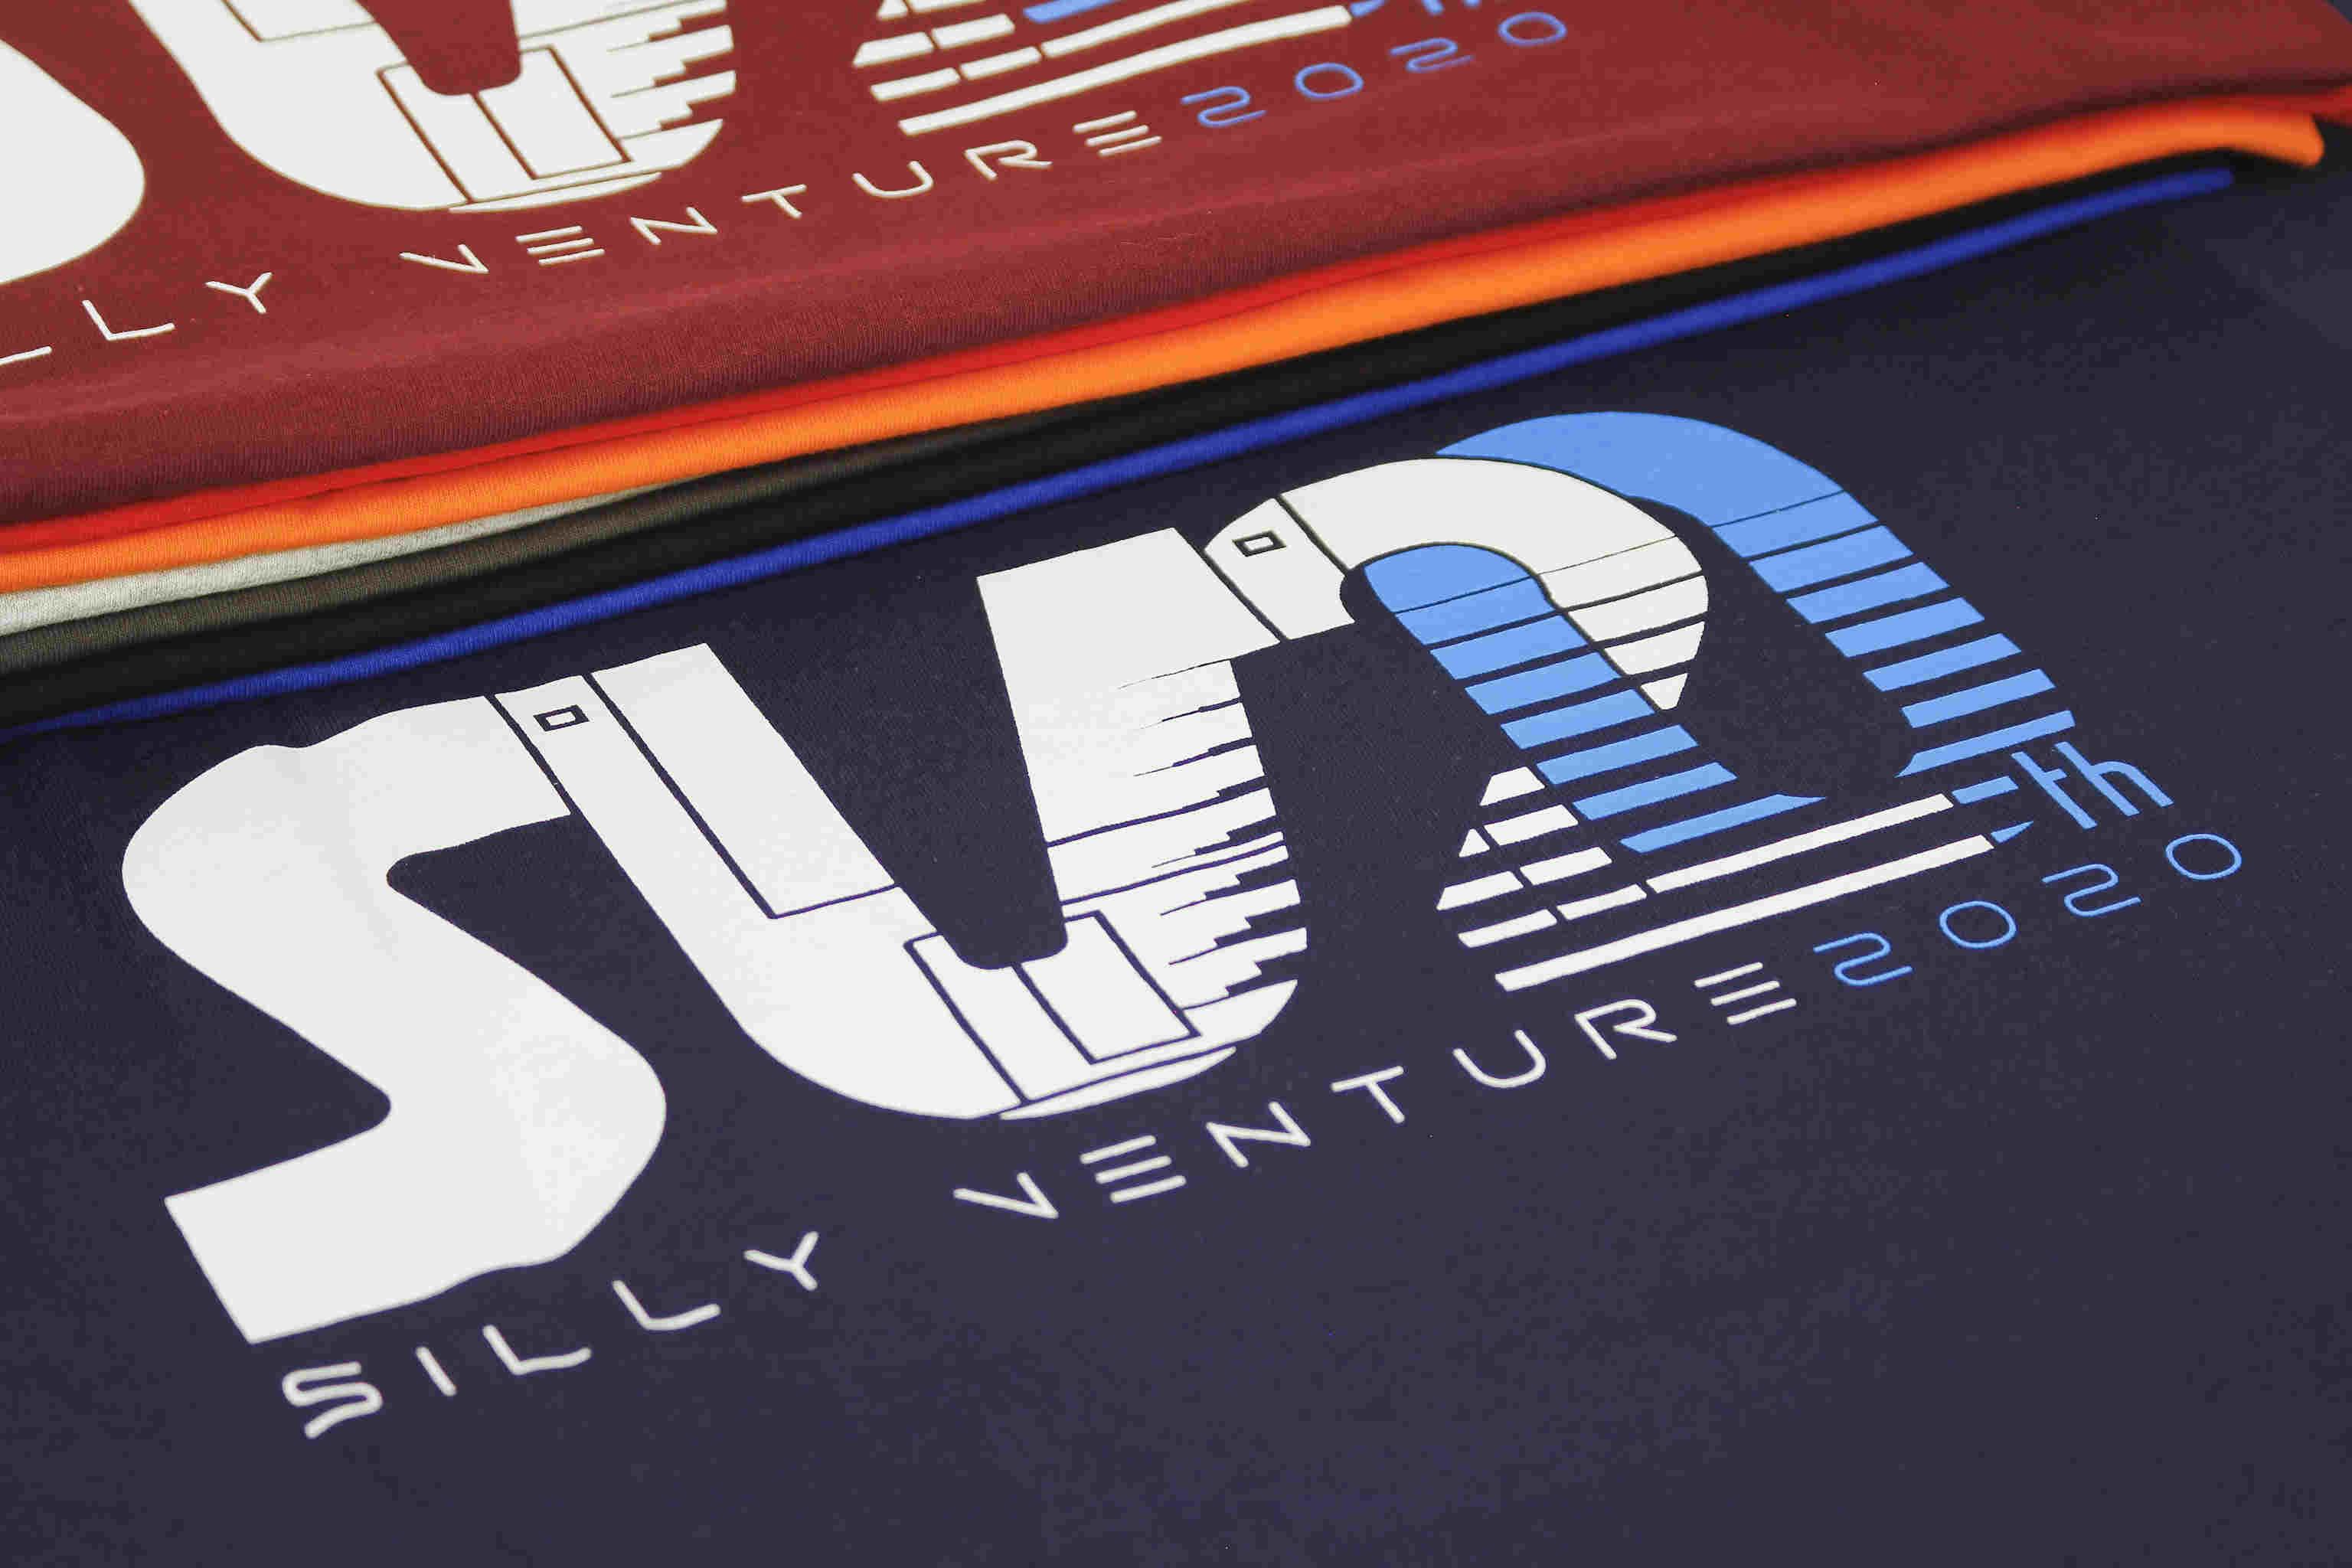 http://www.sillyventure.eu/images/news2020-2021/shirts7.jpg